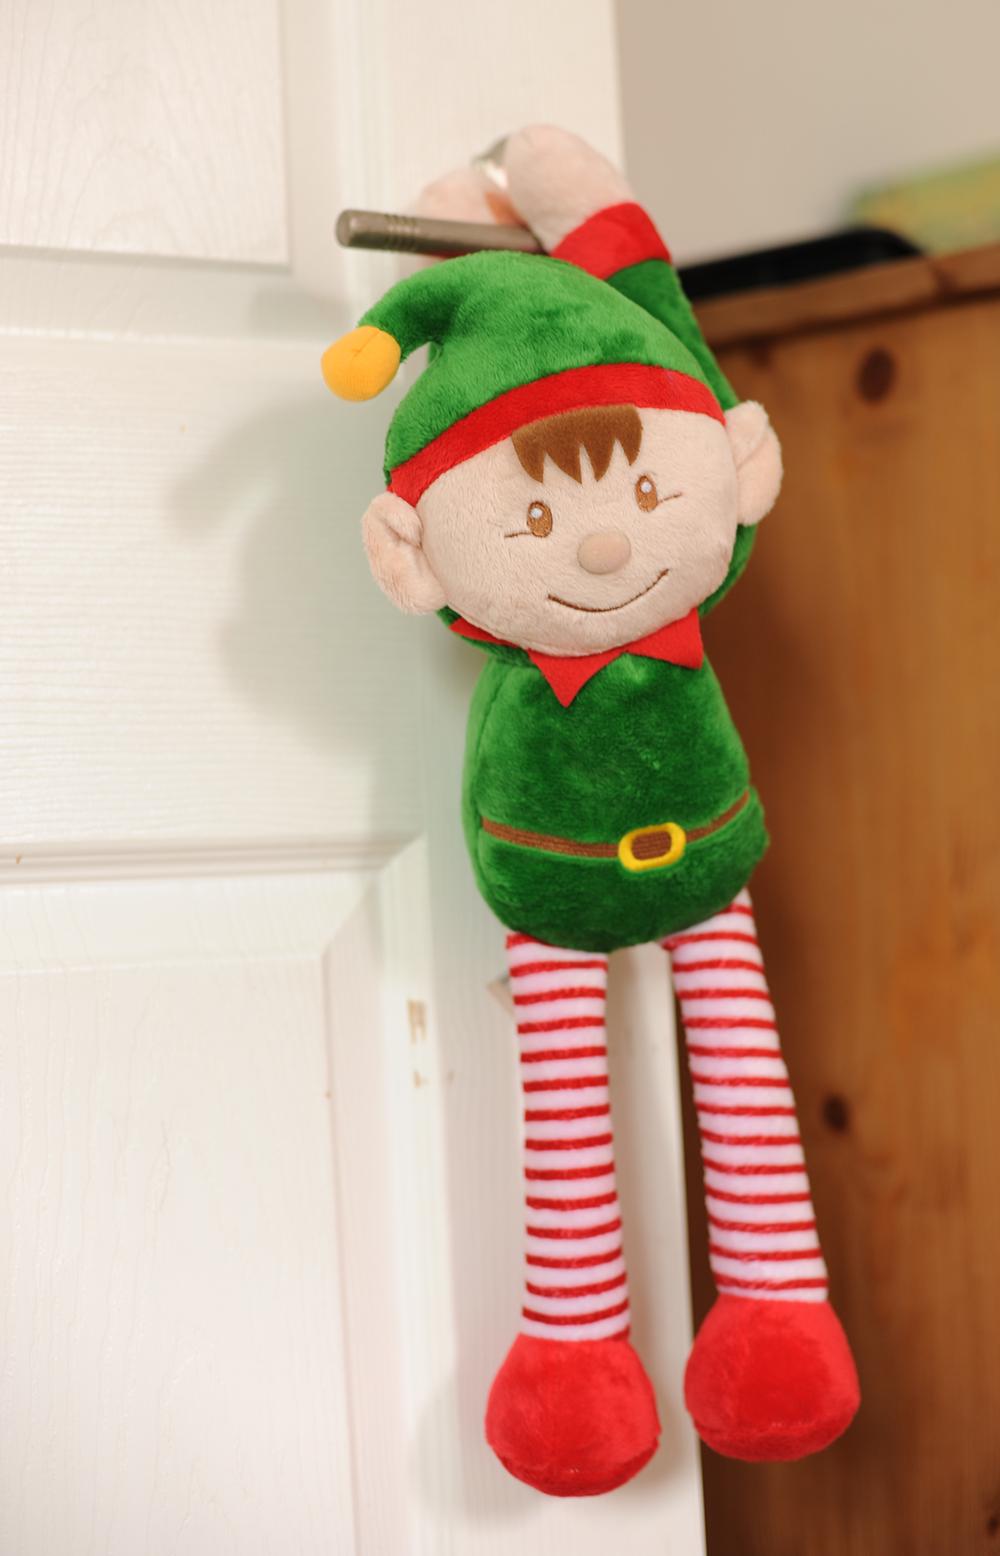 Christmas elf dangling from door handle